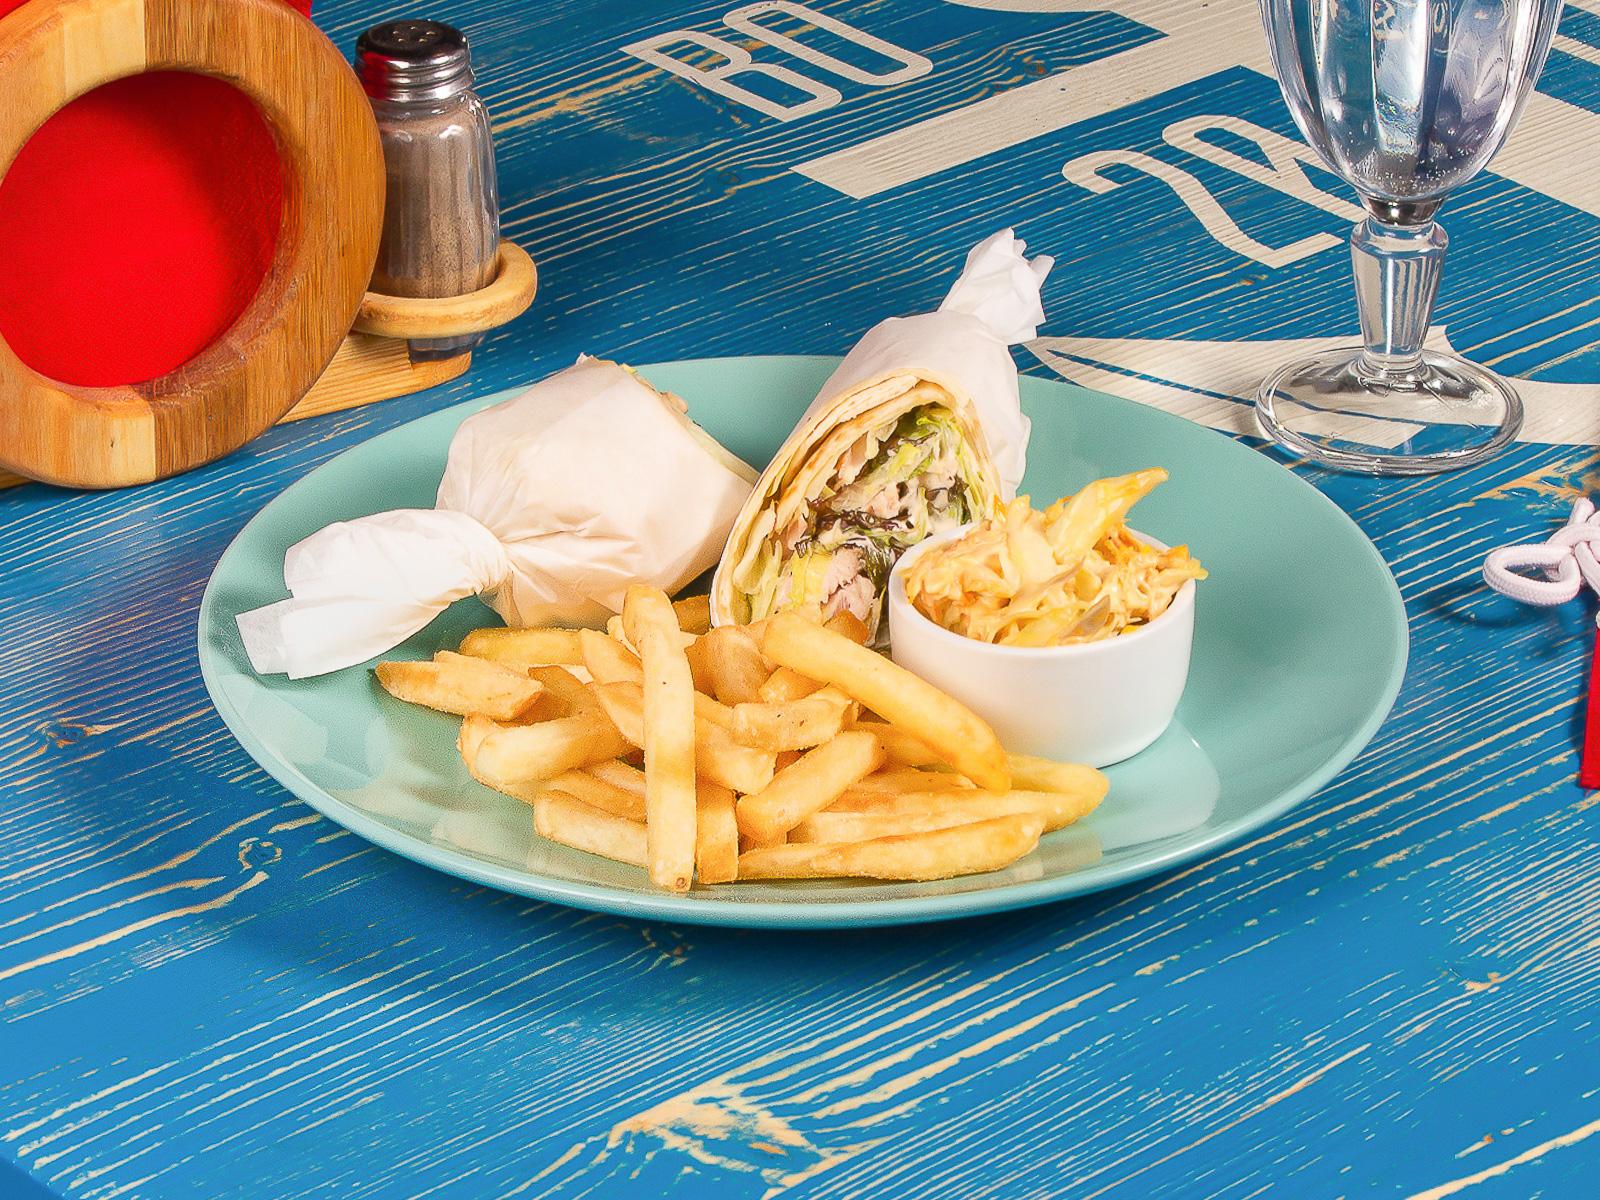 Сэндвич с курицей и салатом Цезарь